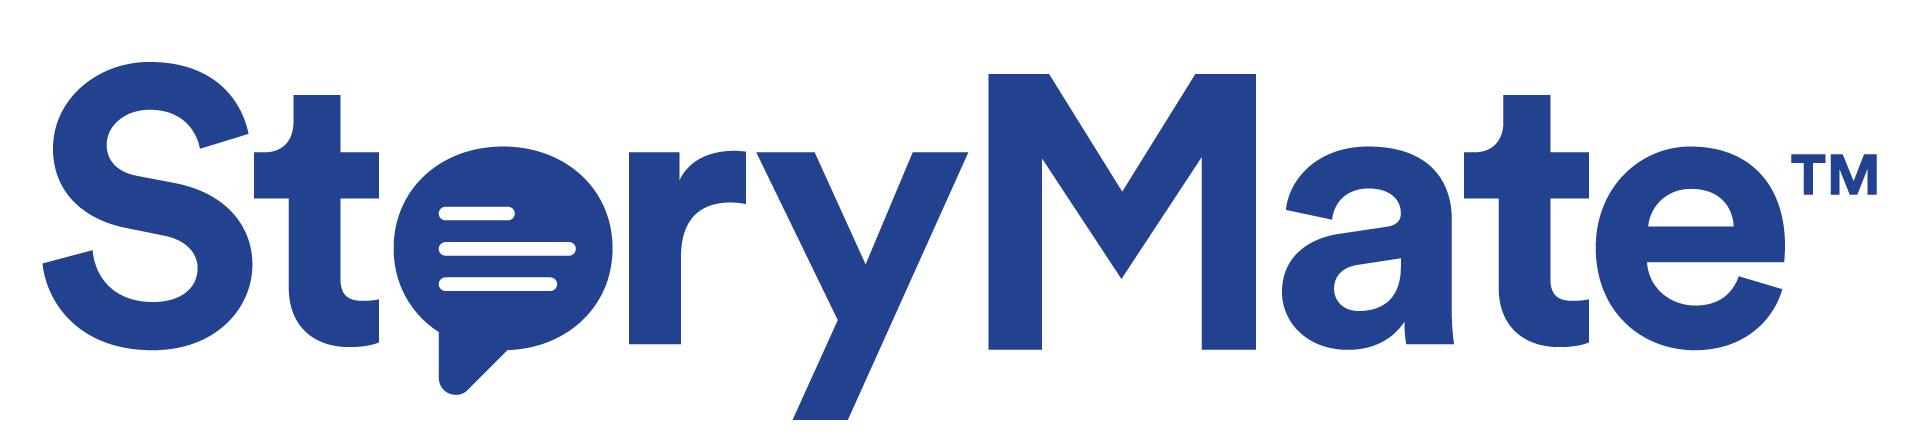 StoryMate_logo.jpg